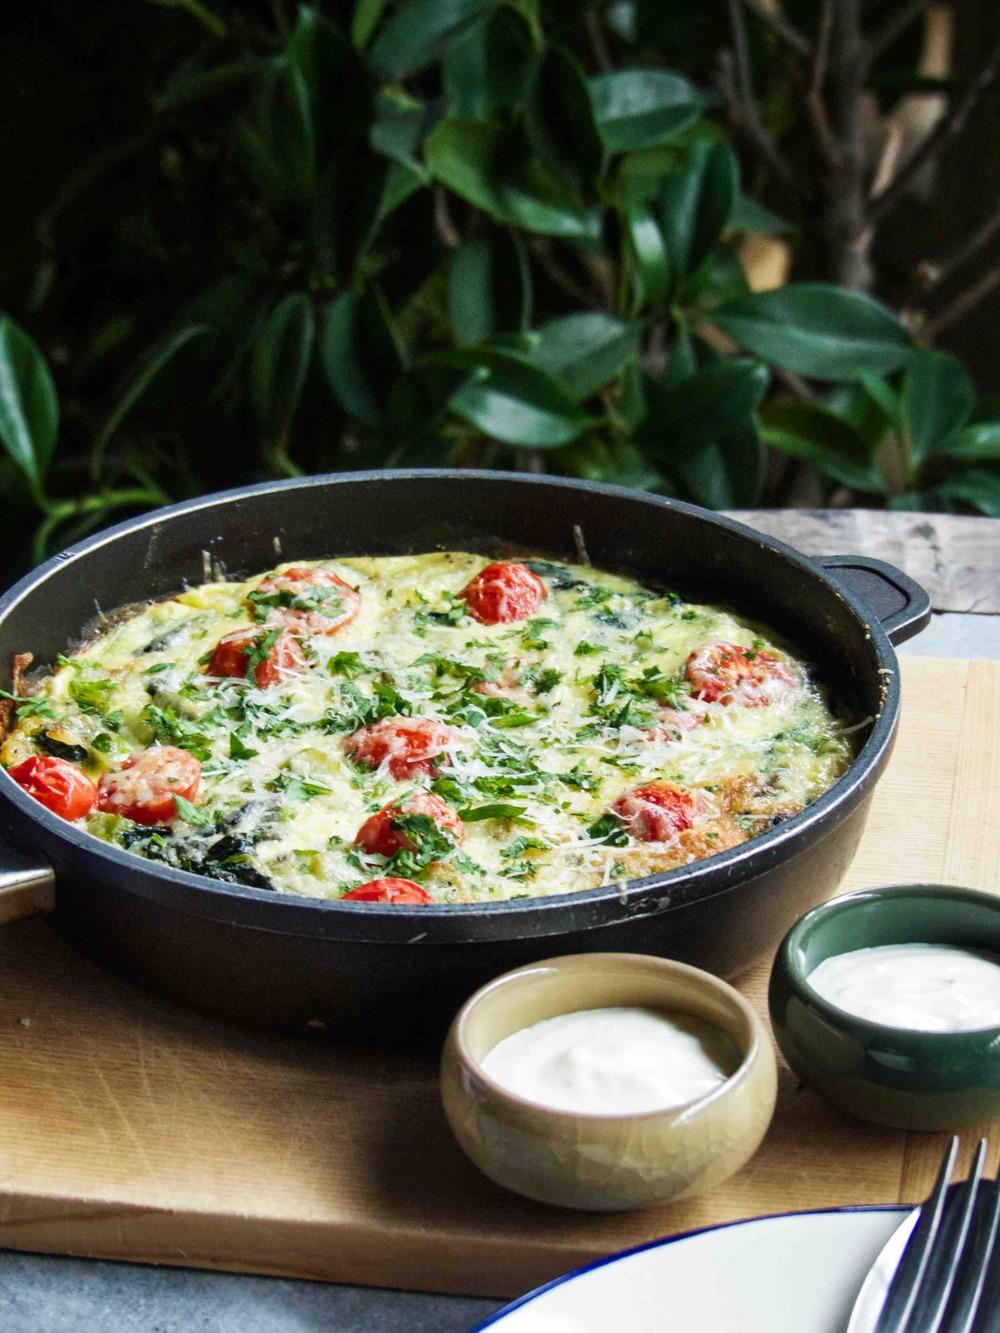 veggies frittata n' hash brown crust served with fresh lime aioli